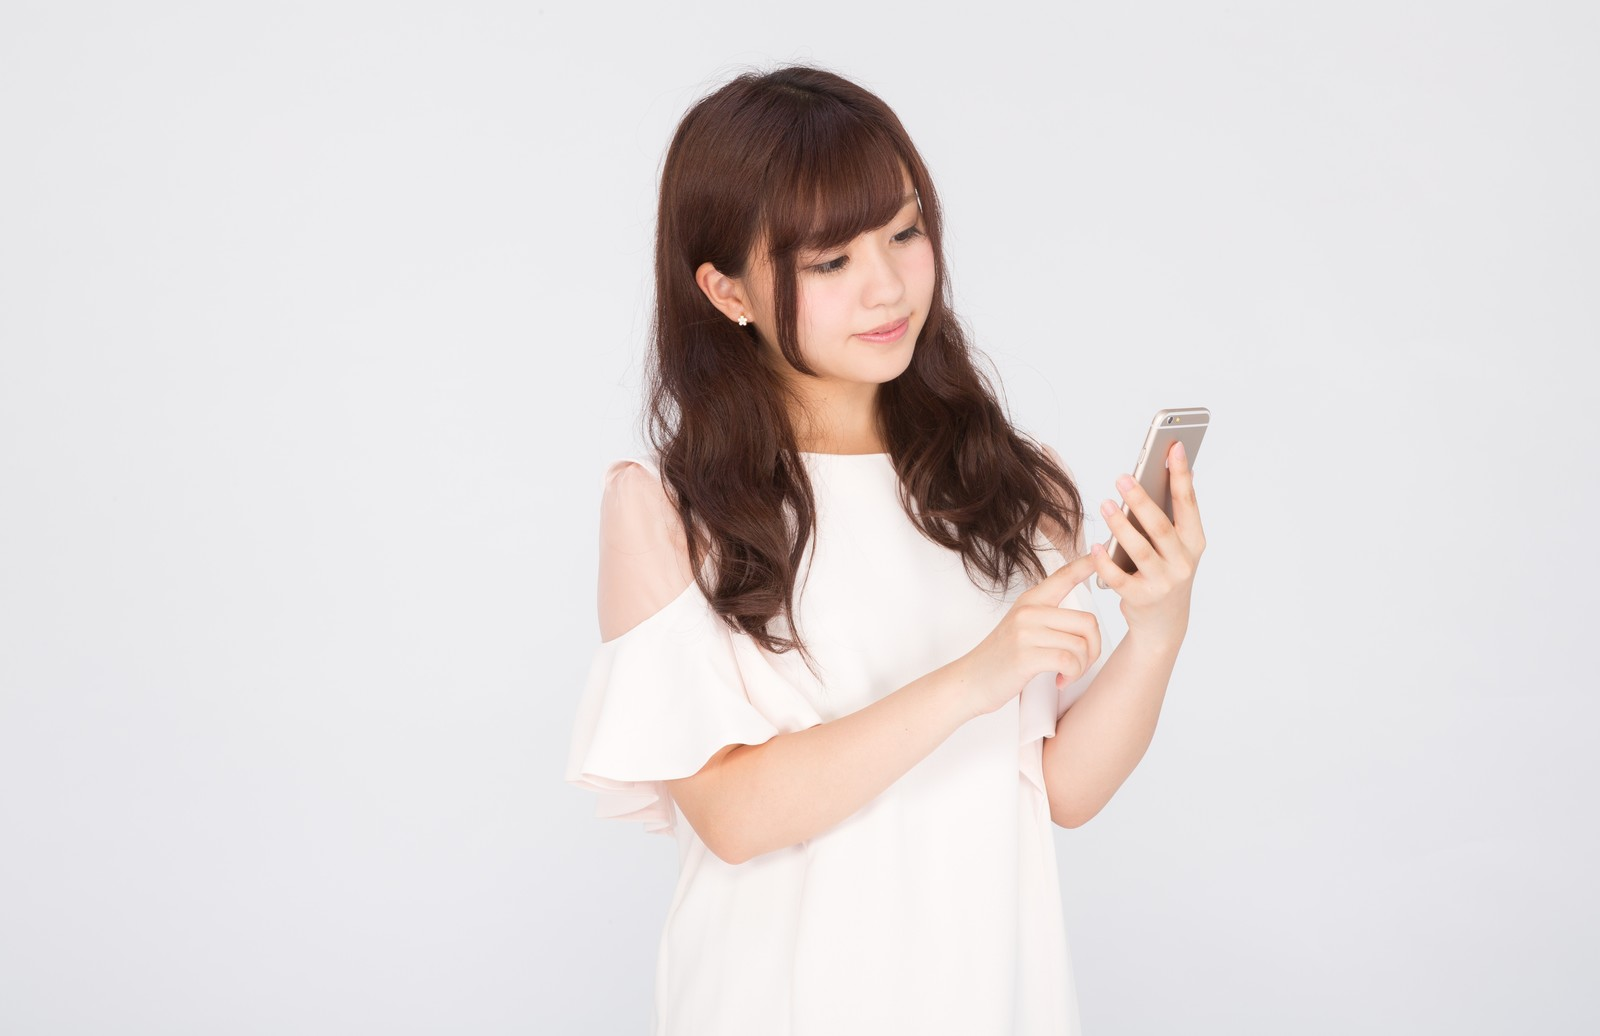 「スマートフォンアプリを使うキラキラ女子」の写真[モデル:河村友歌]